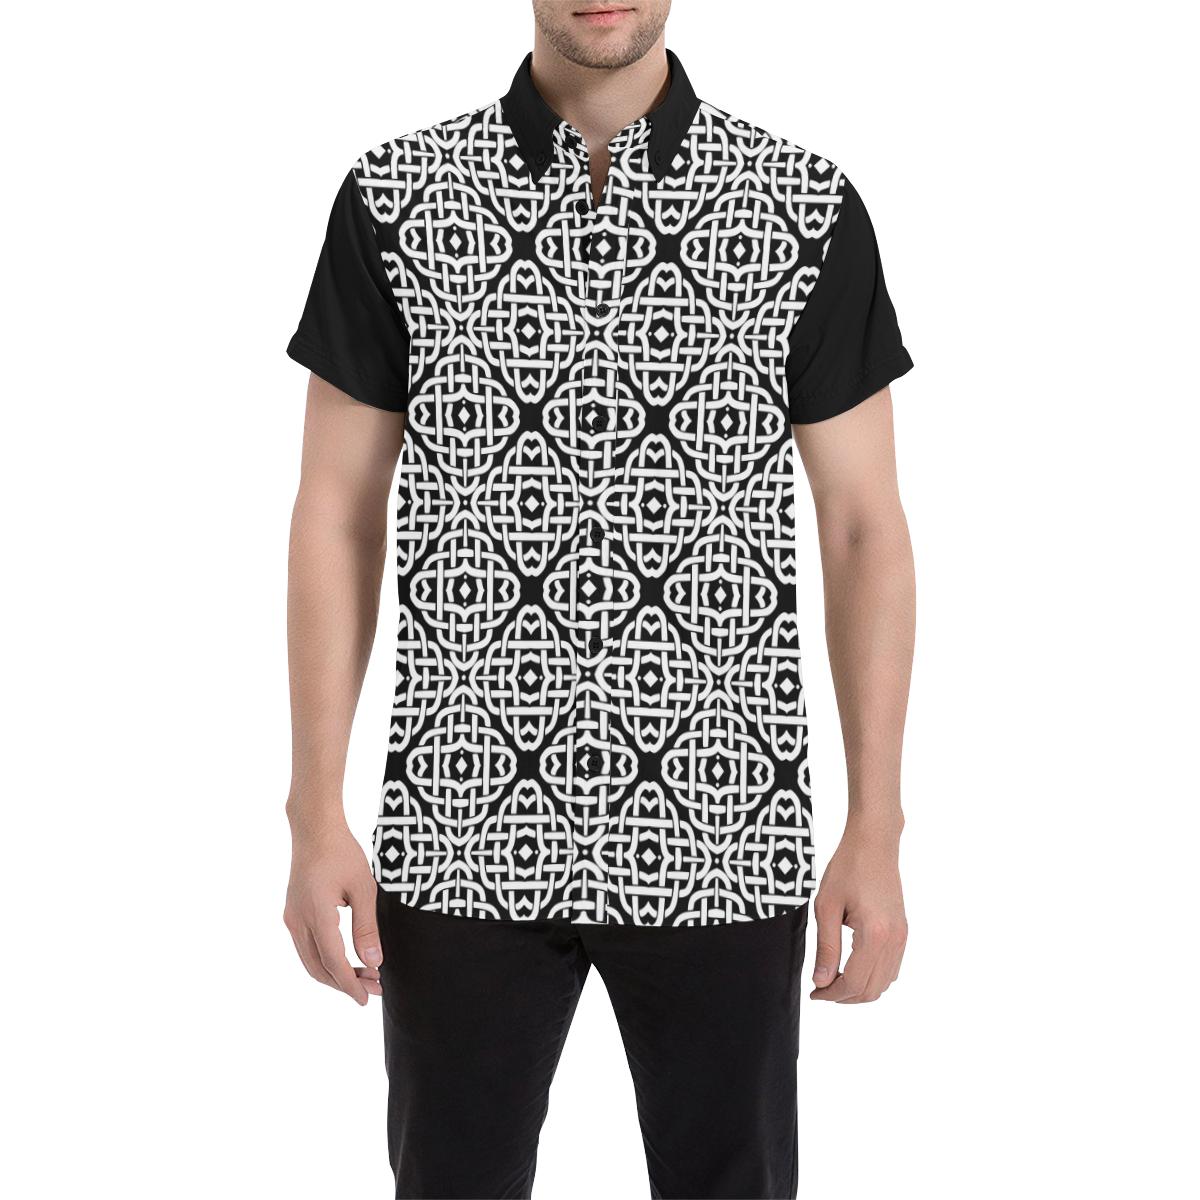 CELTIC KNOT pattern - black white Men's All Over Print Short Sleeve Shirt (Model T53)